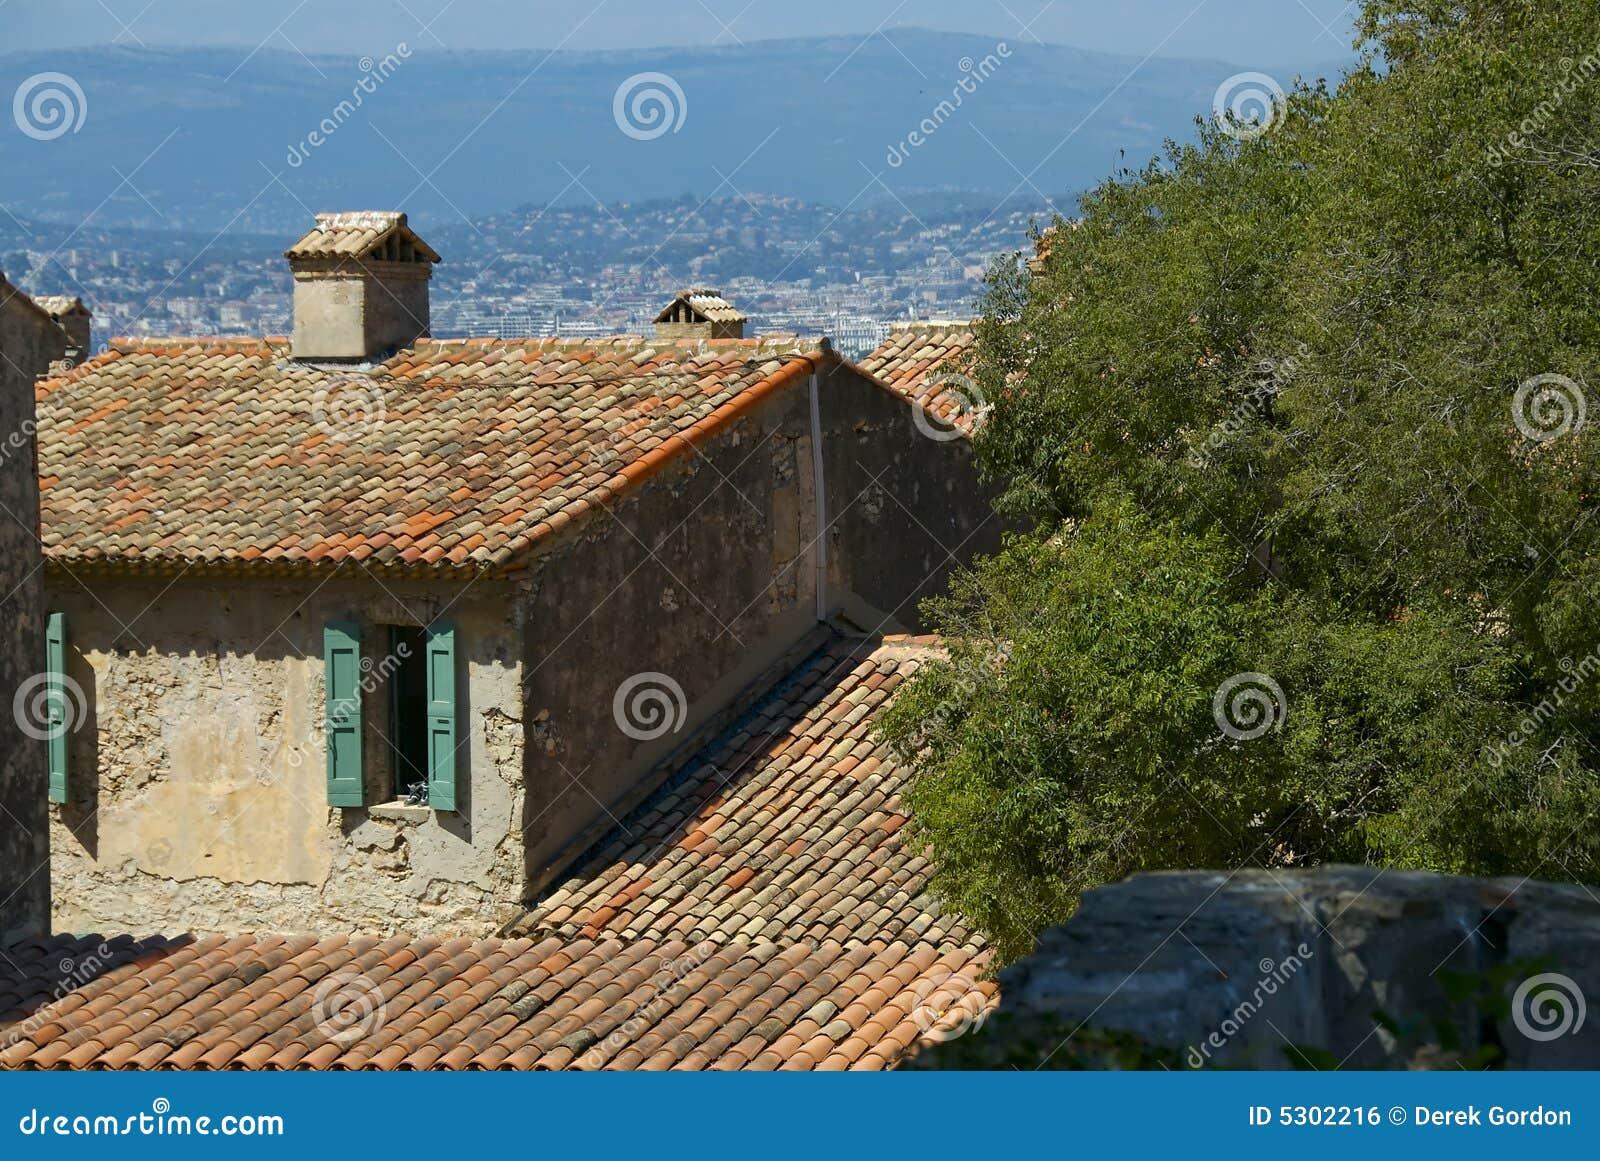 Download Villa mediterranea fotografia stock. Immagine di paesaggio - 5302216